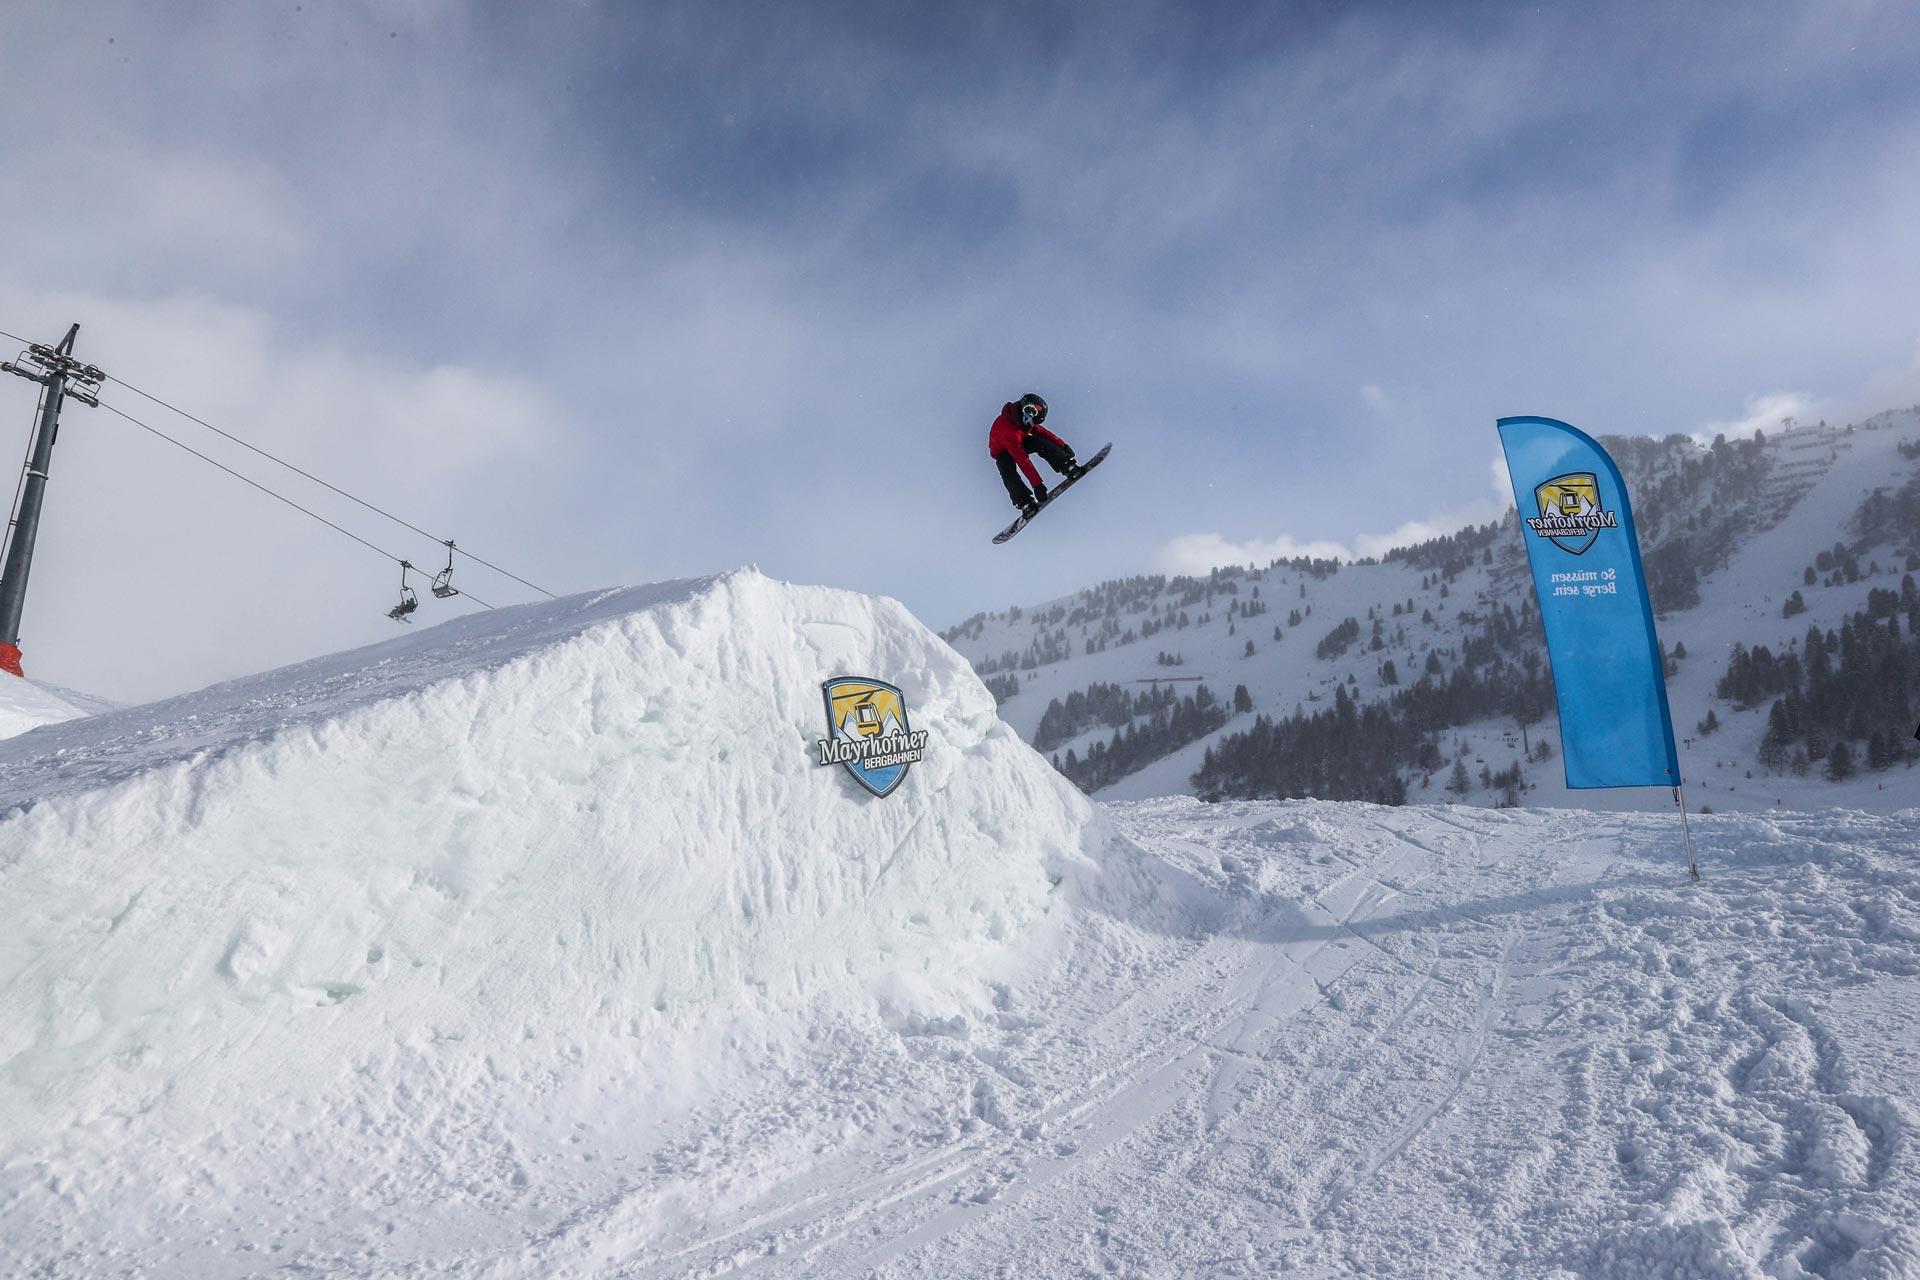 Sorgten für viel Airtime: Die Groms und Rookies bei den Vans Groms Open 2017 in Mayrhofen.